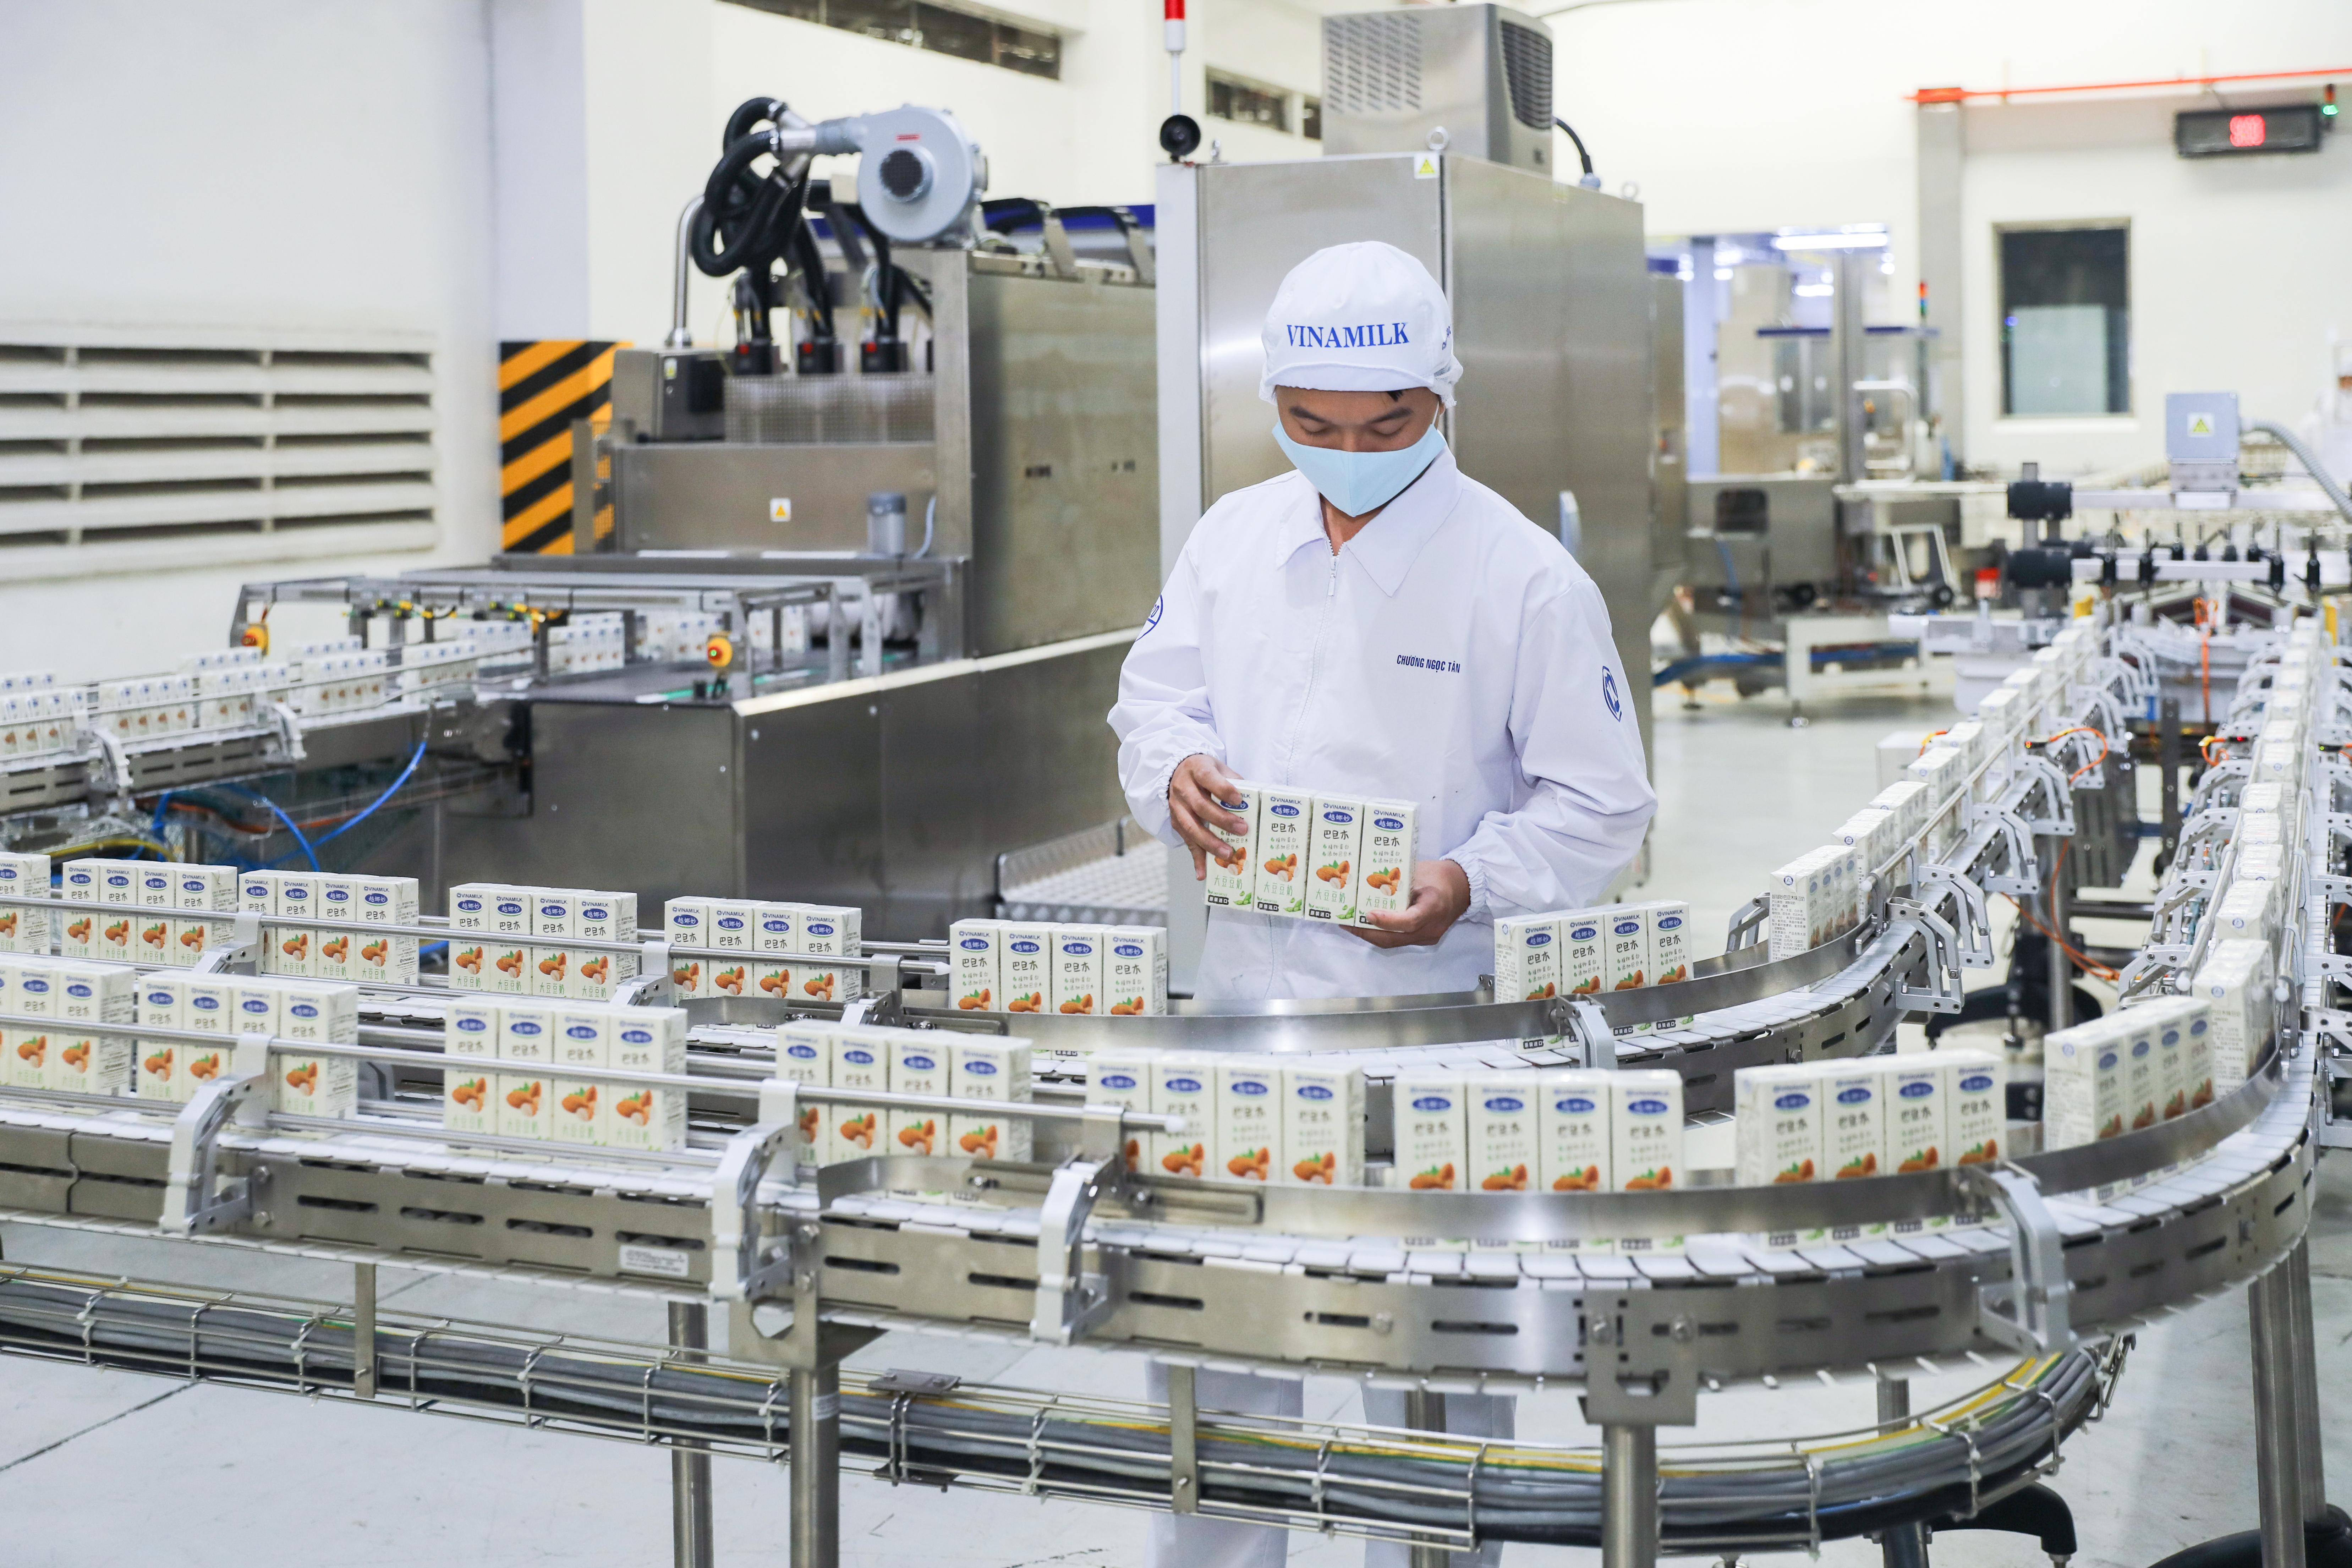 Bên cạnh giữ vững thị trường trong nước, hoạt động kinh doanh quốc tế của Vinamilk ghi nhận sự tăng trưởng tích cực dù gặp khó khăn chung do Covid-19